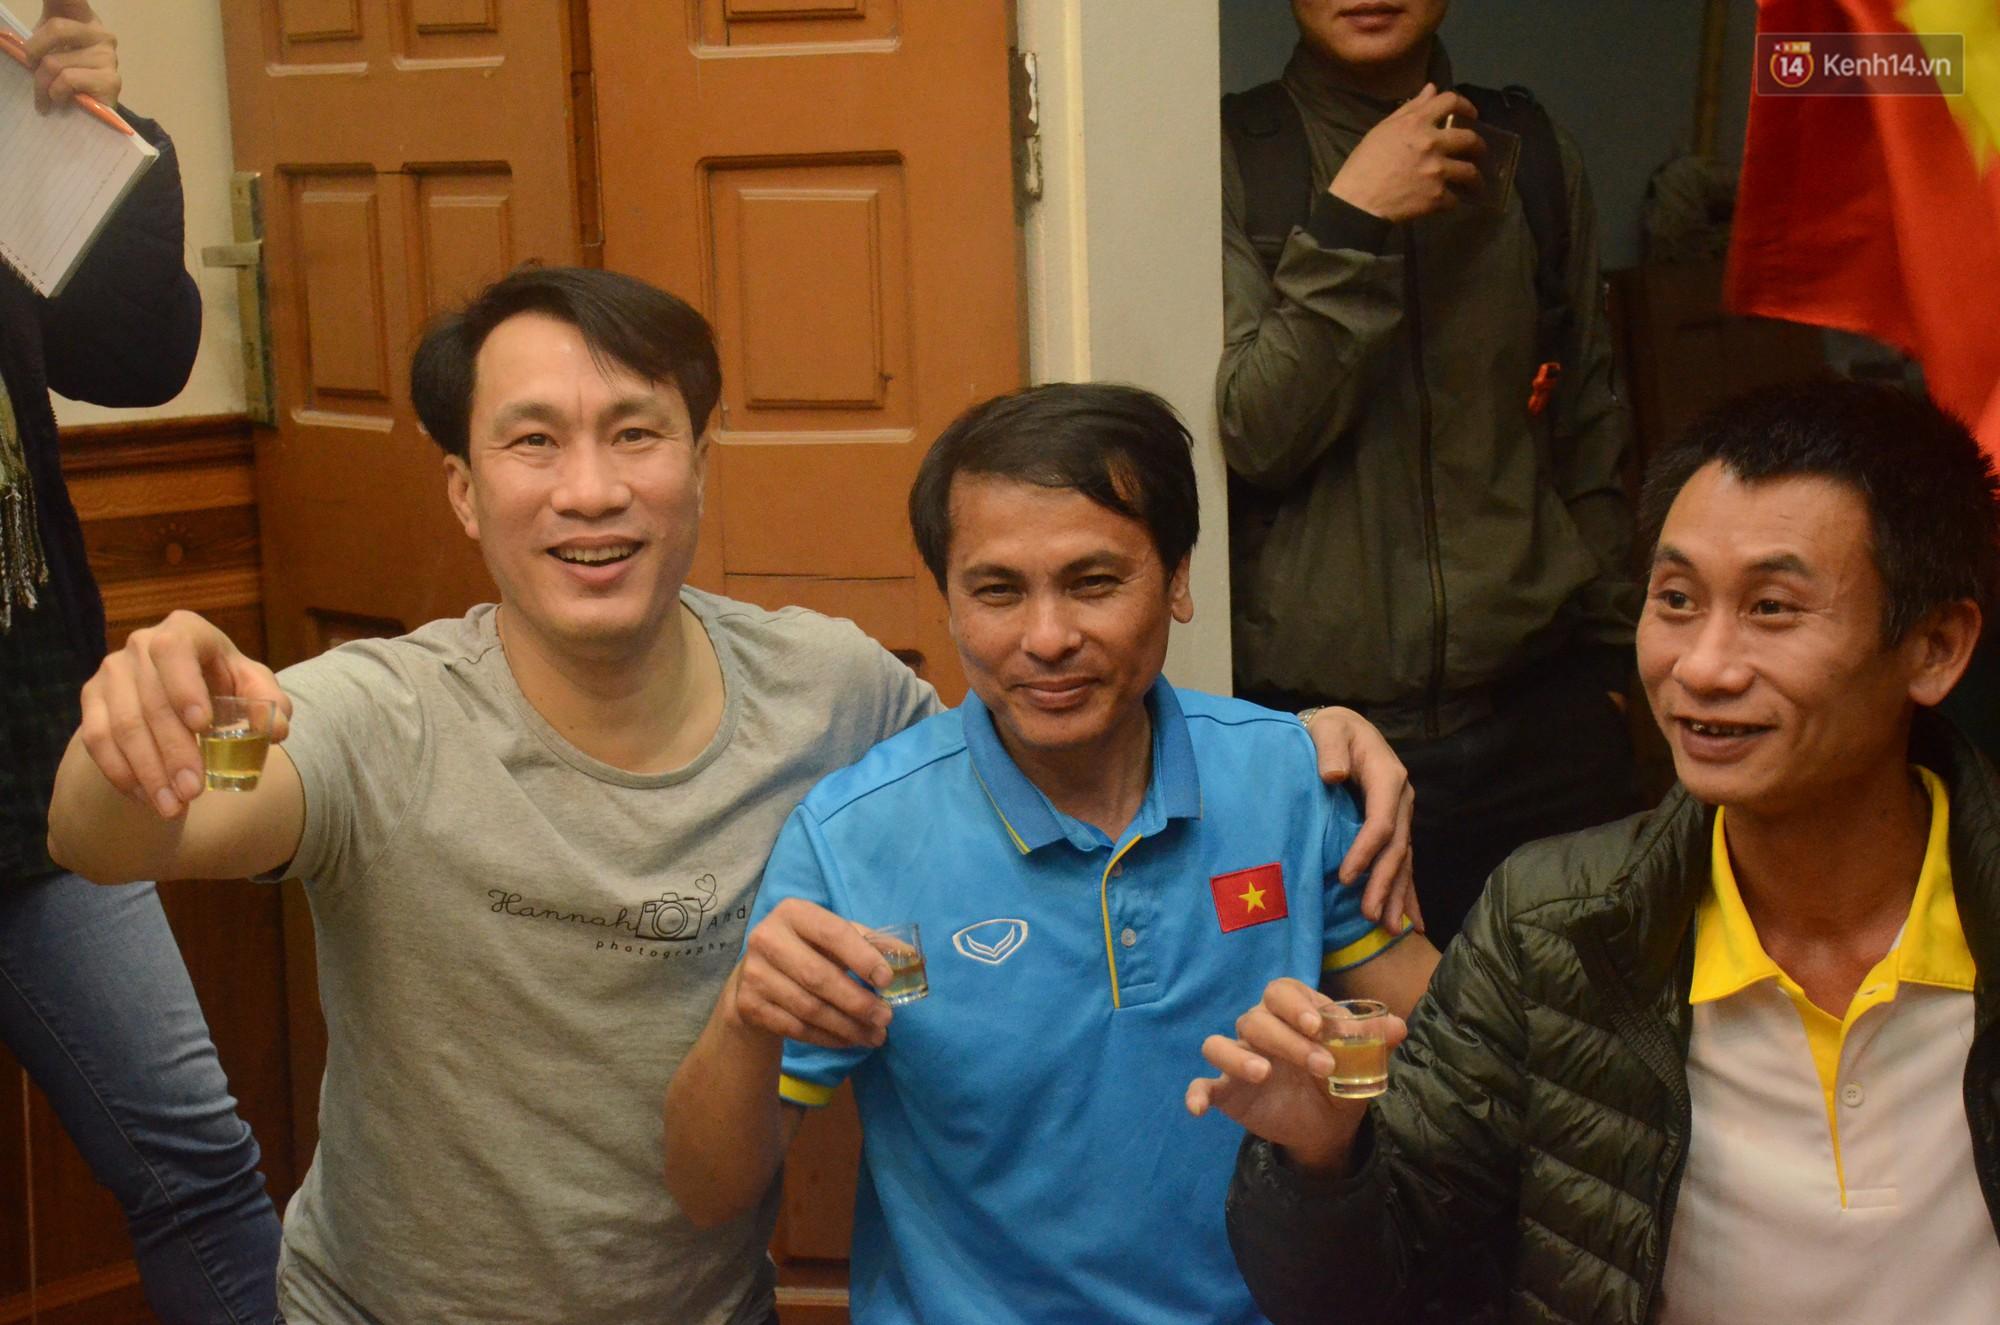 Người hùng trận bán kết Nguyễn Quang Hải - Từ đứa trẻ chơi bóng ở xóm đến cầu thủ triệu triệu người Việt Nam nhắc tên - Ảnh 3.